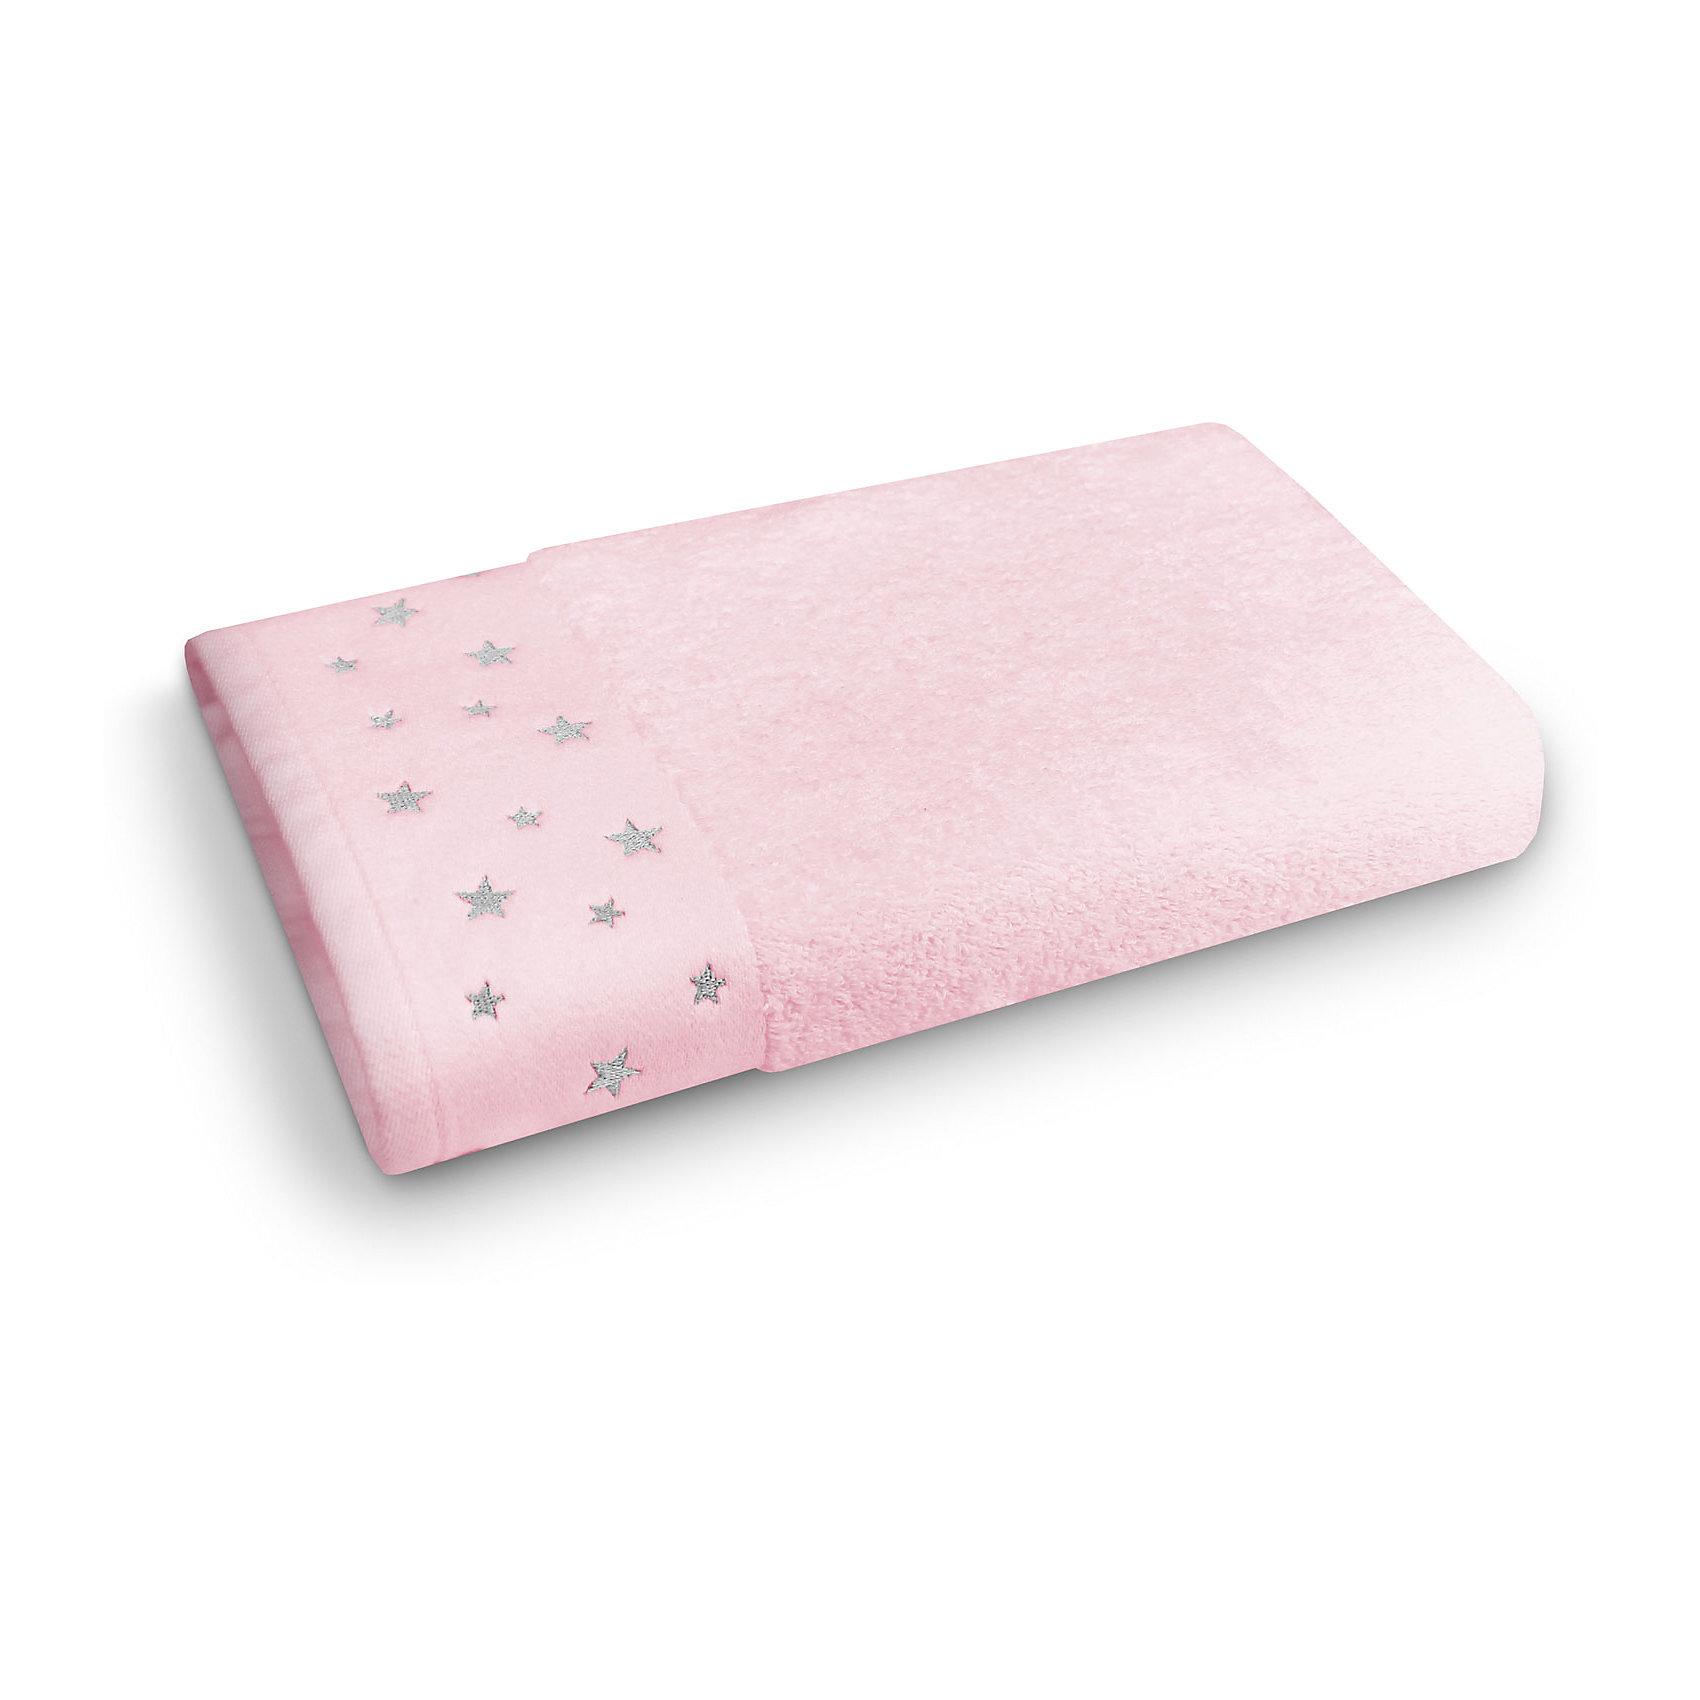 Полотенце махровое 70*140 Звездопад, Cozy Home, розовыйВанная комната<br>Полотенце махровое 70*140 Звездопад, Cozy Home (Кози Хоум), розовый<br><br>Характеристики:<br><br>• хорошо впитывает влагу<br>• изысканный дизайн<br>• материал: хлопок<br>• размер: 70х140 см<br>• цвет: розовый<br><br>Банное полотенце Звездопад от Cozy Home понравится всем. Края полотенца украшены блестящими звездочками, которые особенно приглянутся детям. Само полотенце изготовлено из мягкого хлопка. Хлопок не вызовет раздражения на нежной и чувствительной коже, быстро впитает большое количество влаги и быстро высохнет. Что немаловажно, полотенце сохраняет свой цвет и размер даже после многочисленных стирок при температуре 40°С. Полотенце станет прекрасным подарком!<br><br>Полотенце махровое 70*140 Звездопад, Cozy Home (Кози Хоум), розовый вы можете купить в нашем интернет-магазине.<br><br>Ширина мм: 150<br>Глубина мм: 350<br>Высота мм: 150<br>Вес г: 350<br>Возраст от месяцев: 0<br>Возраст до месяцев: 216<br>Пол: Женский<br>Возраст: Детский<br>SKU: 5355334